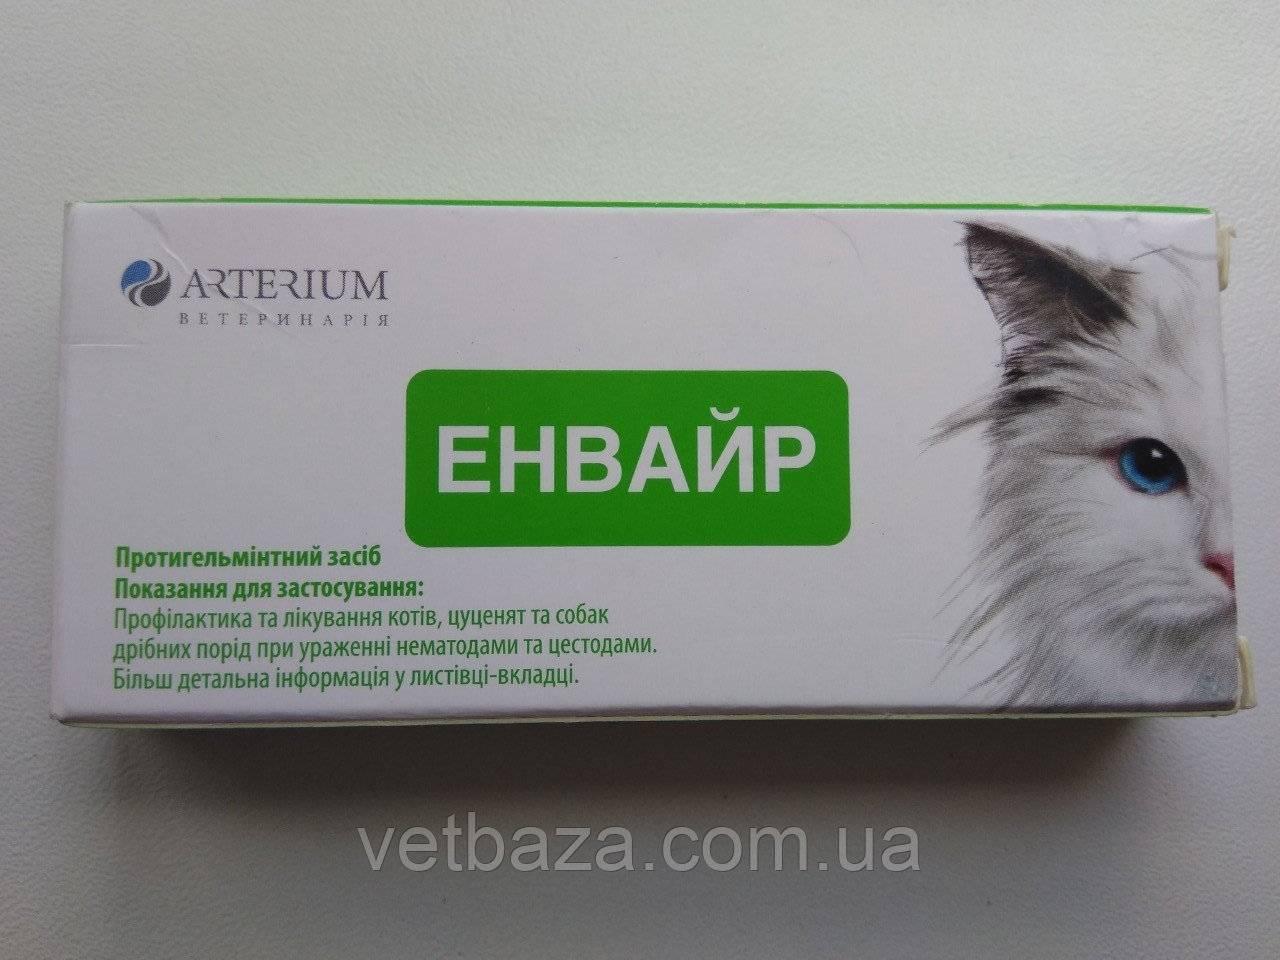 Феливей для кошек: как действует, инструкция по применению, показания, отзывы